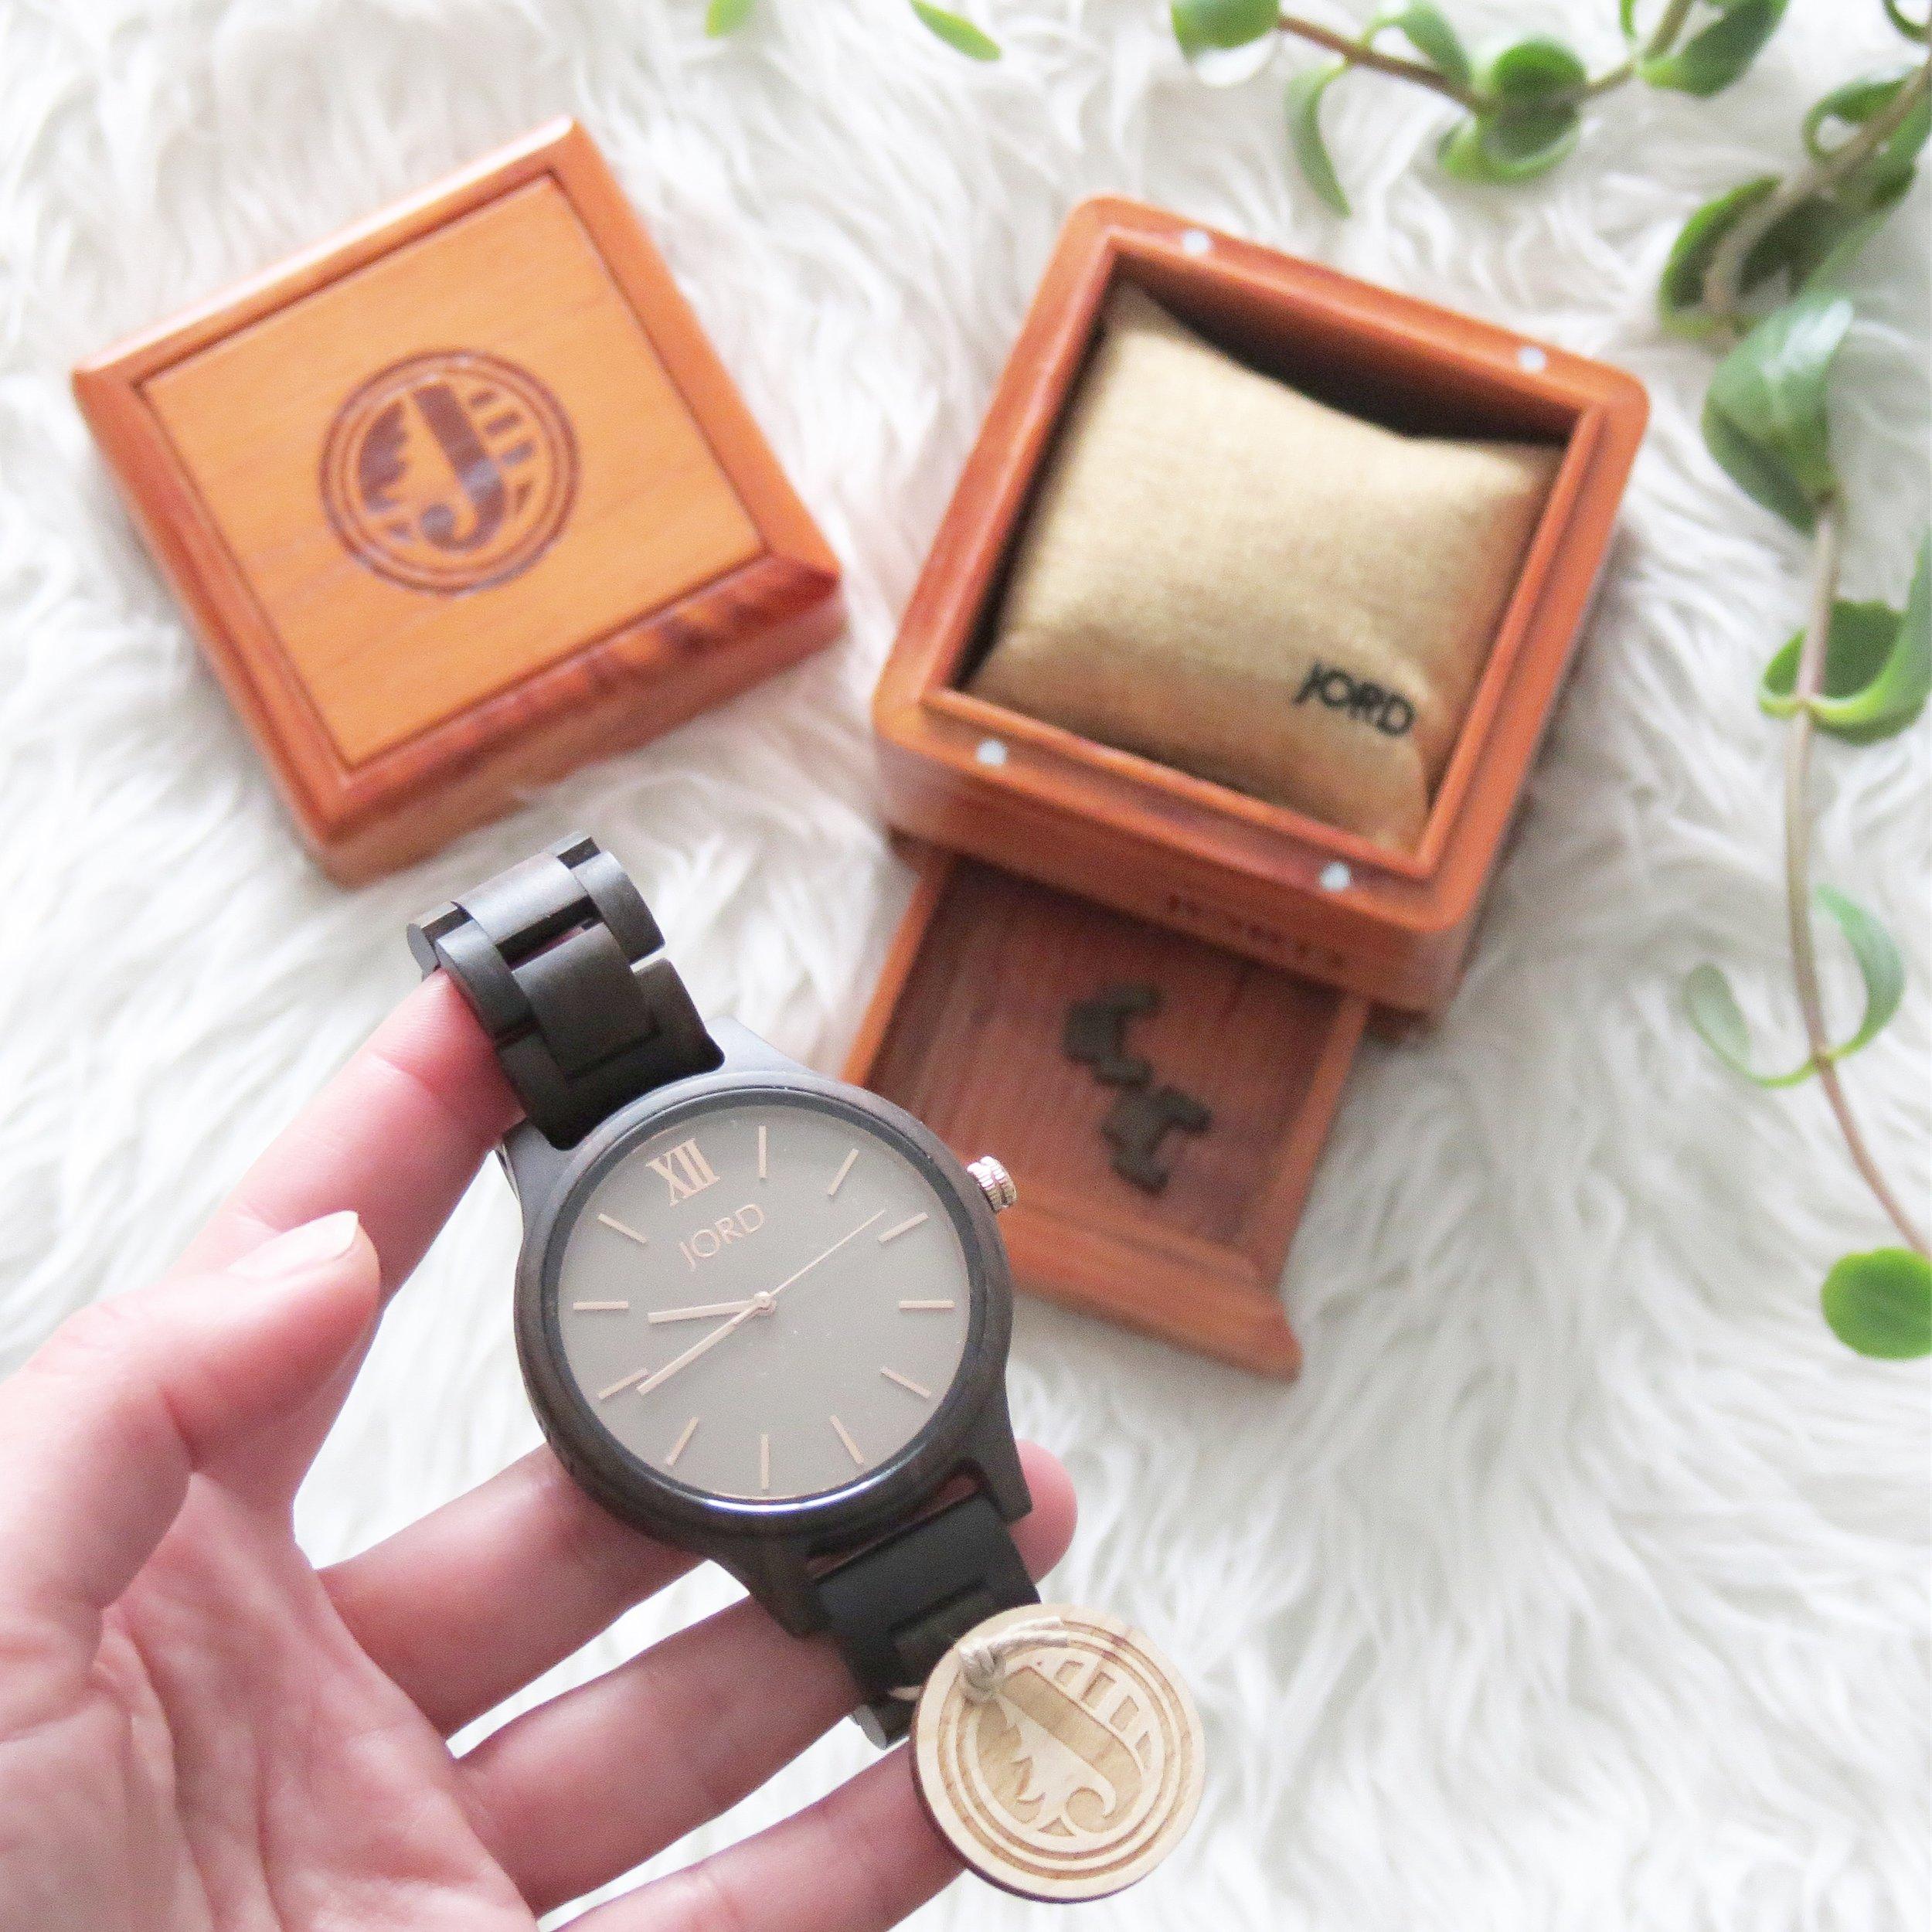 JORD watch packaging 2.jpeg